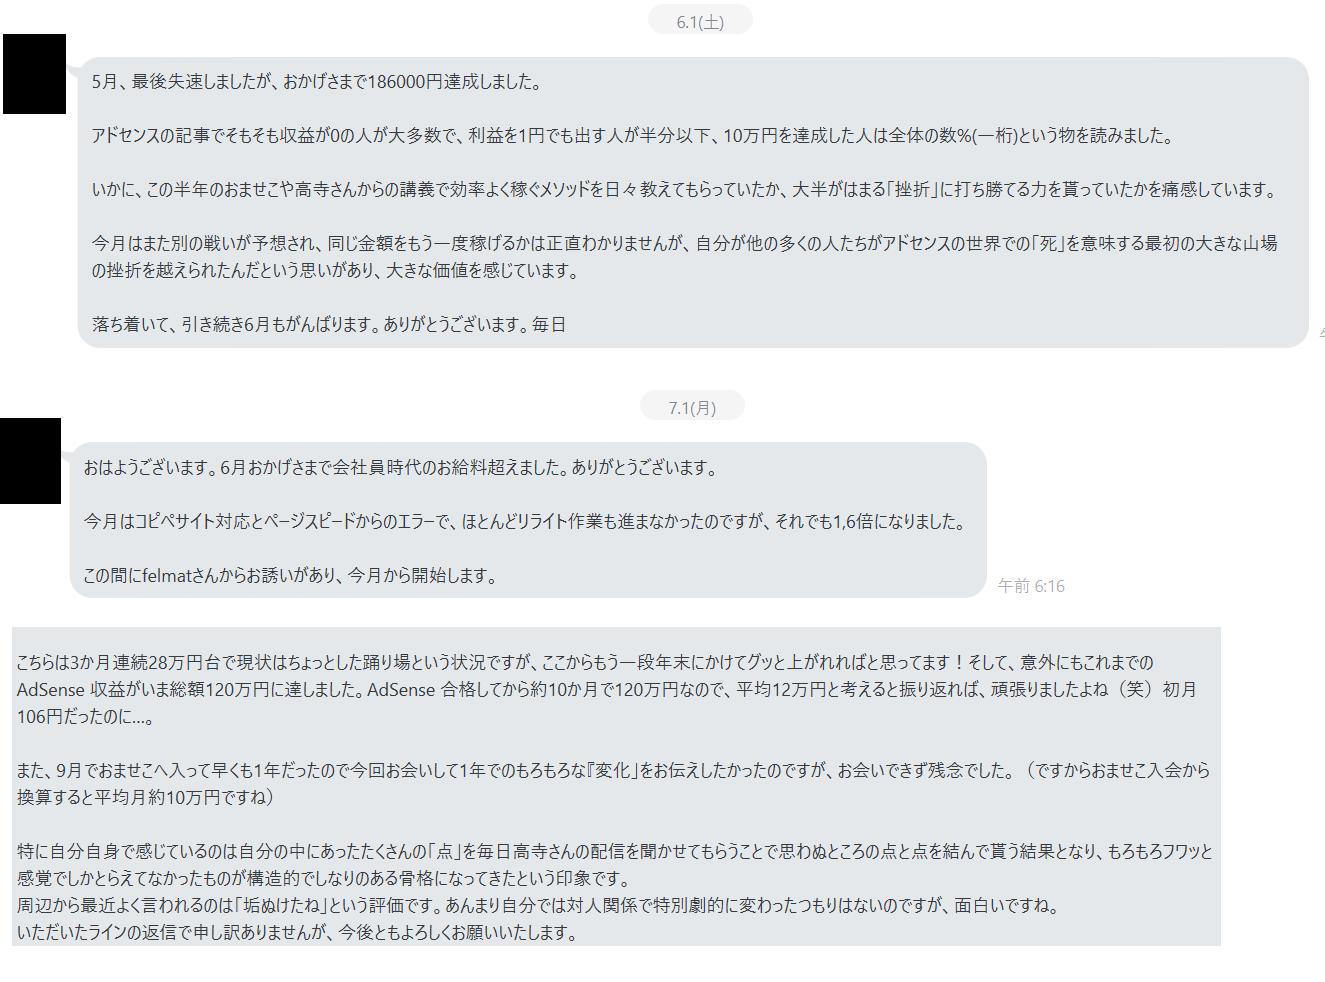 年齢不詳(笑)闘うシングルマザーがGoogleアドセンスで月利益28万円!